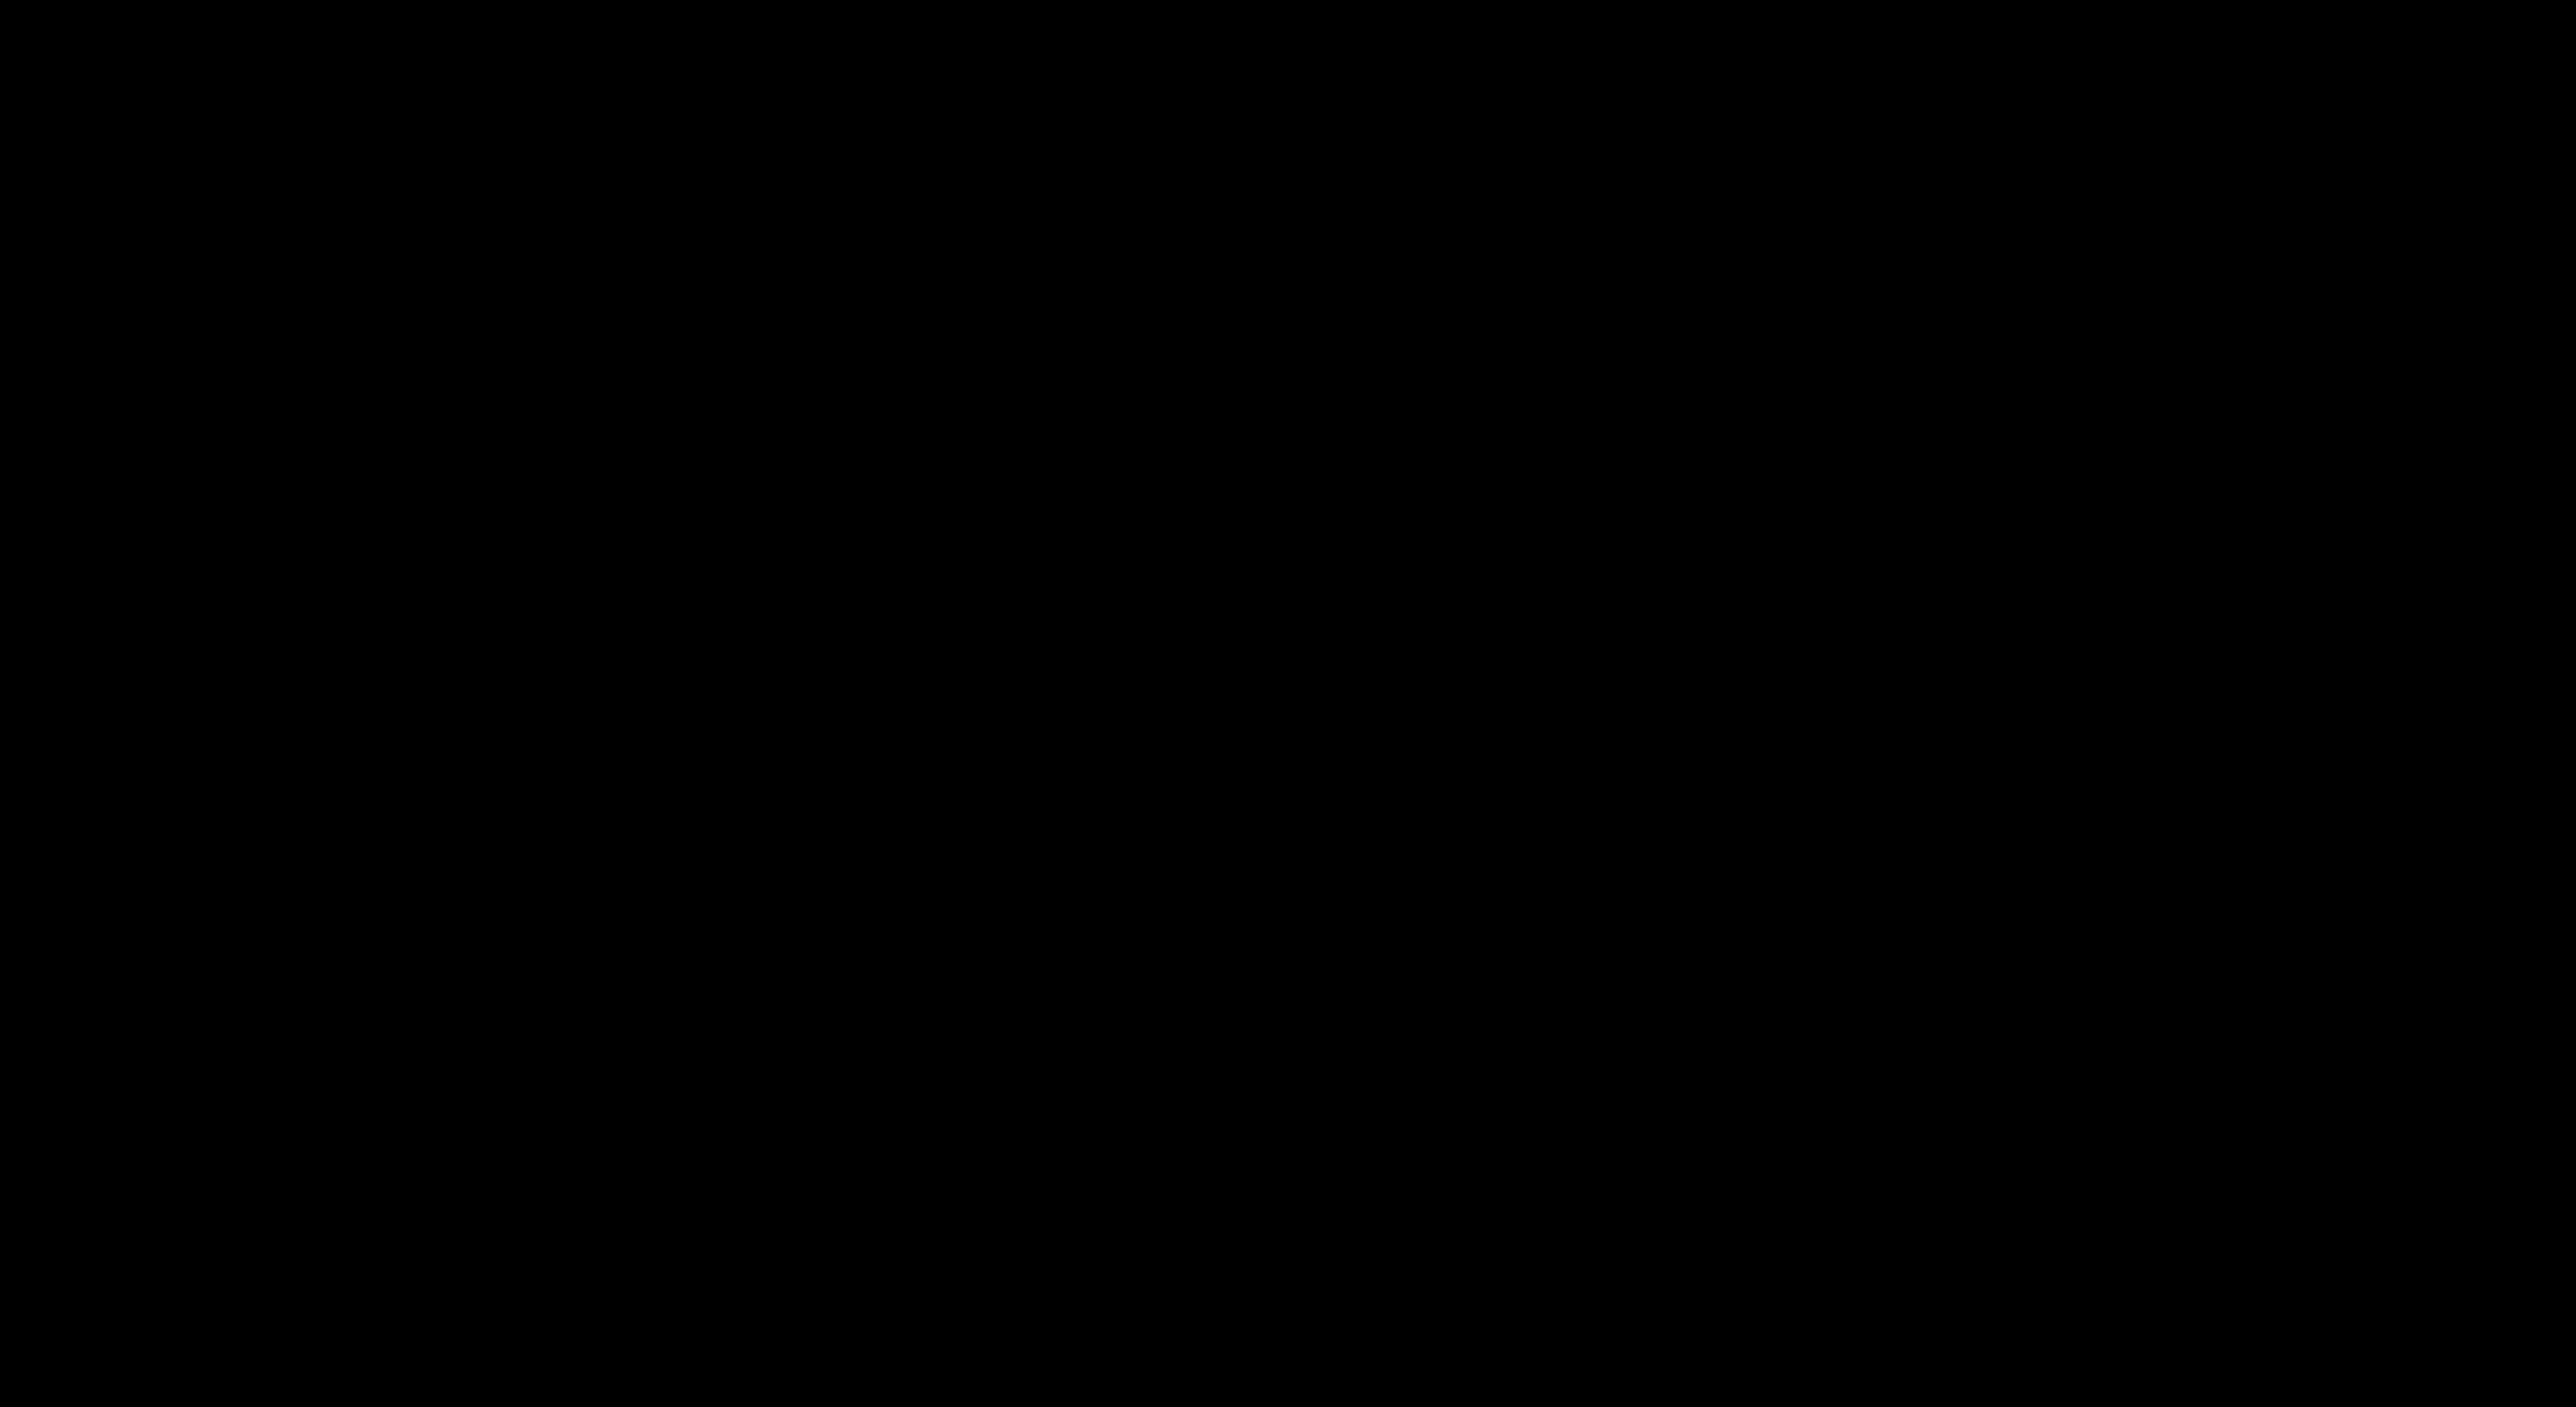 Картинки с белым фоном и надписями